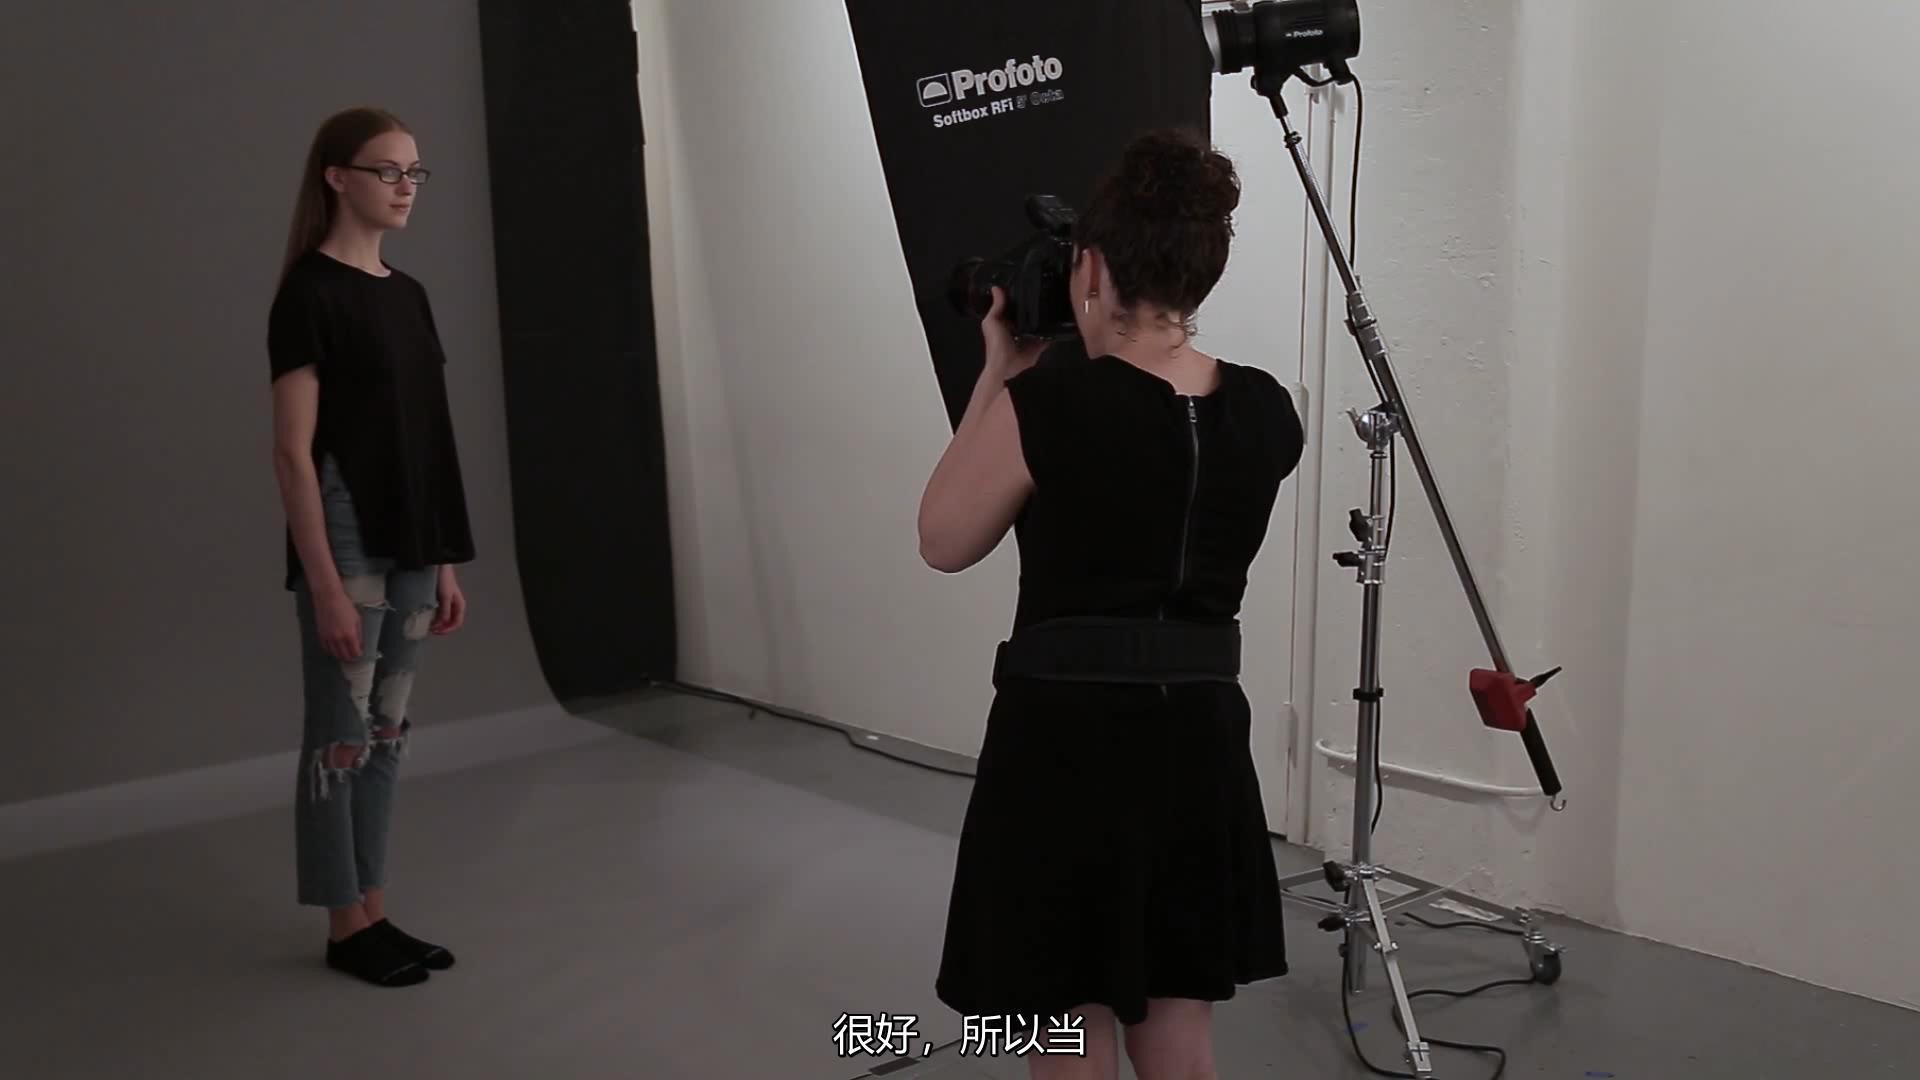 摄影教程_Lindsay Adler为期10周的工作室棚拍布光大师班教程-中文字幕 摄影教程 _预览图33